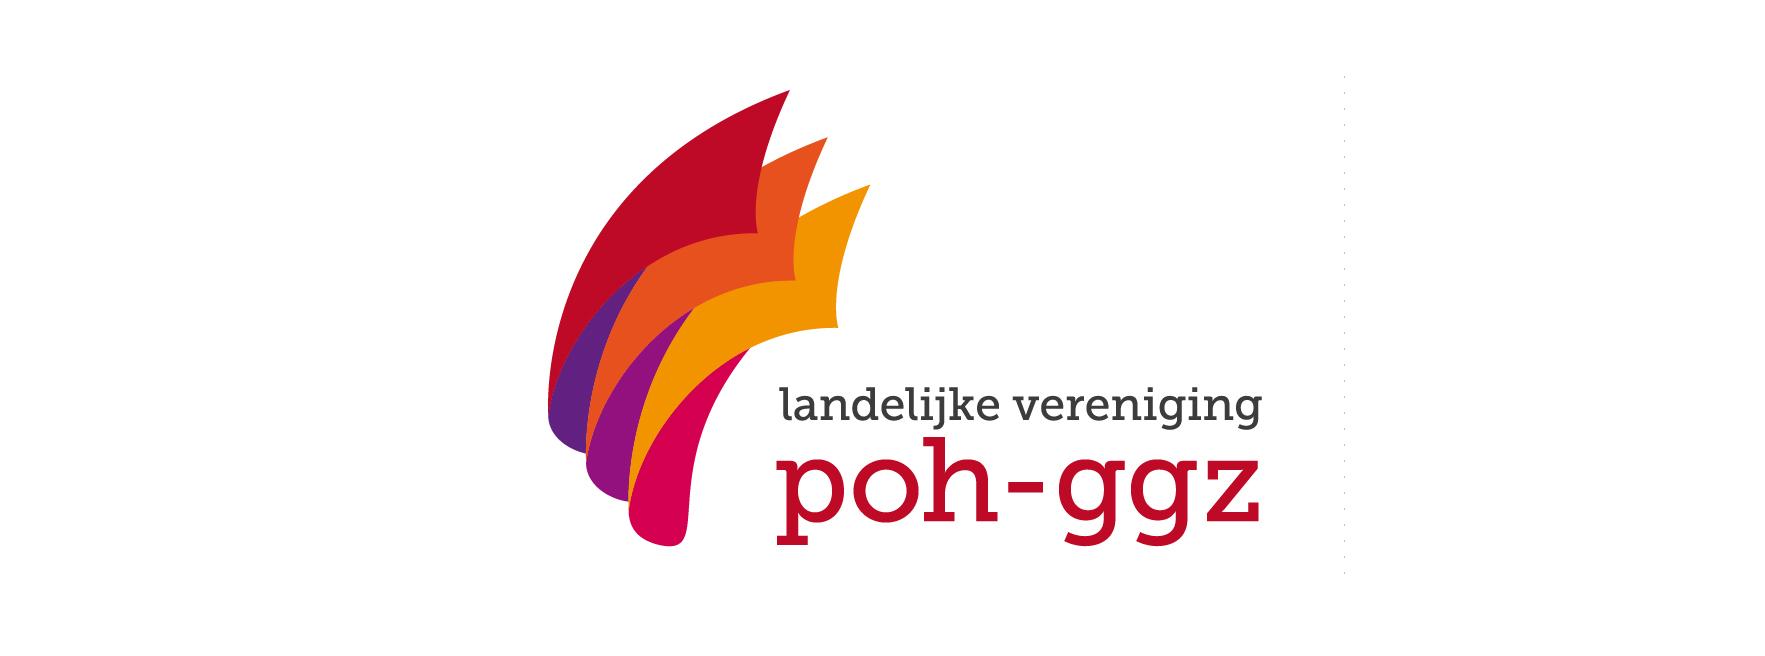 logo-poh-ggz-1